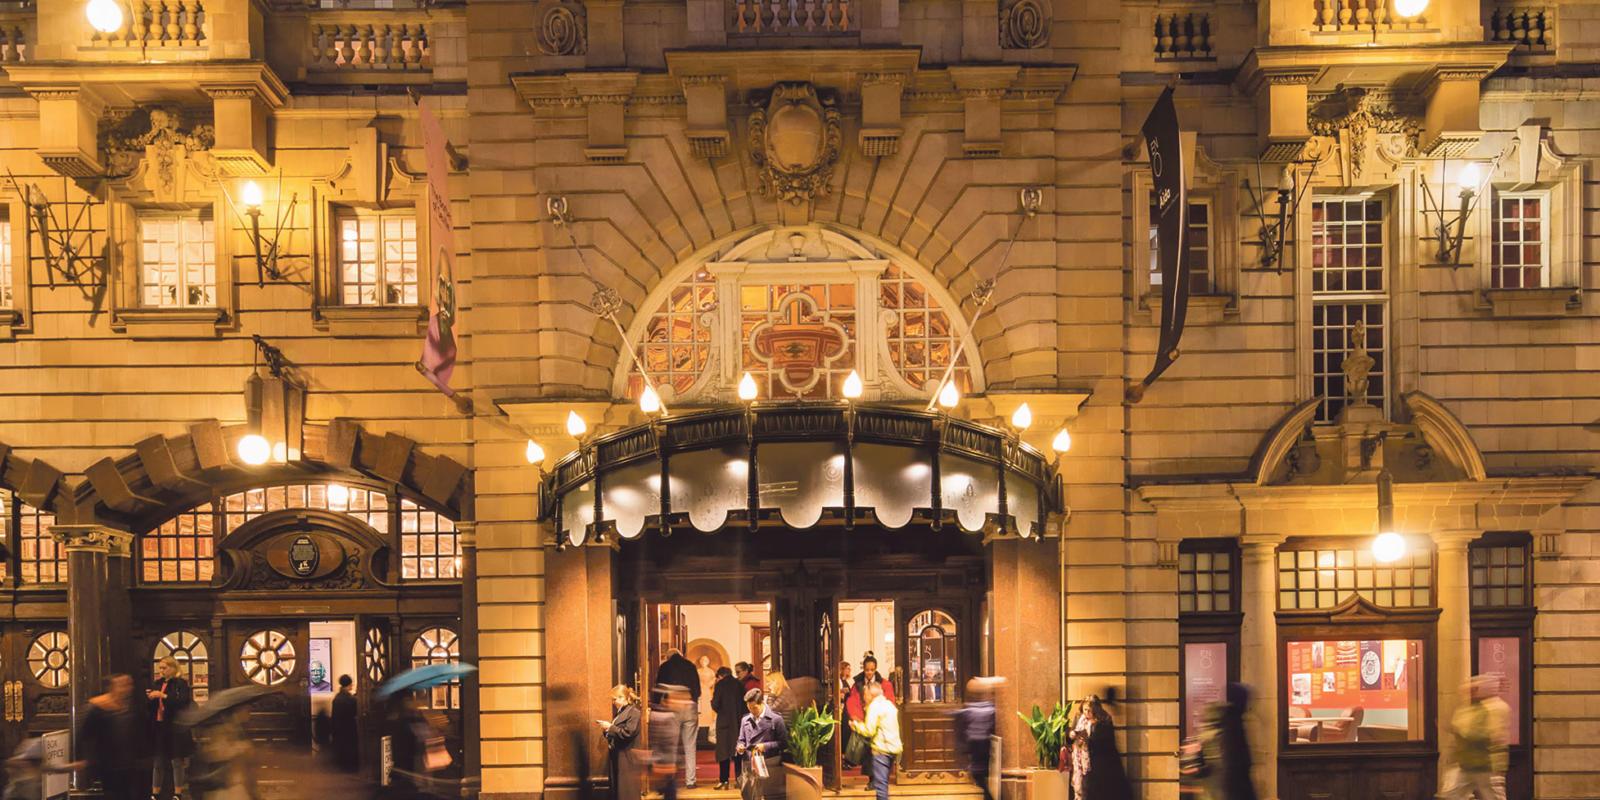 London Coliseum front doors